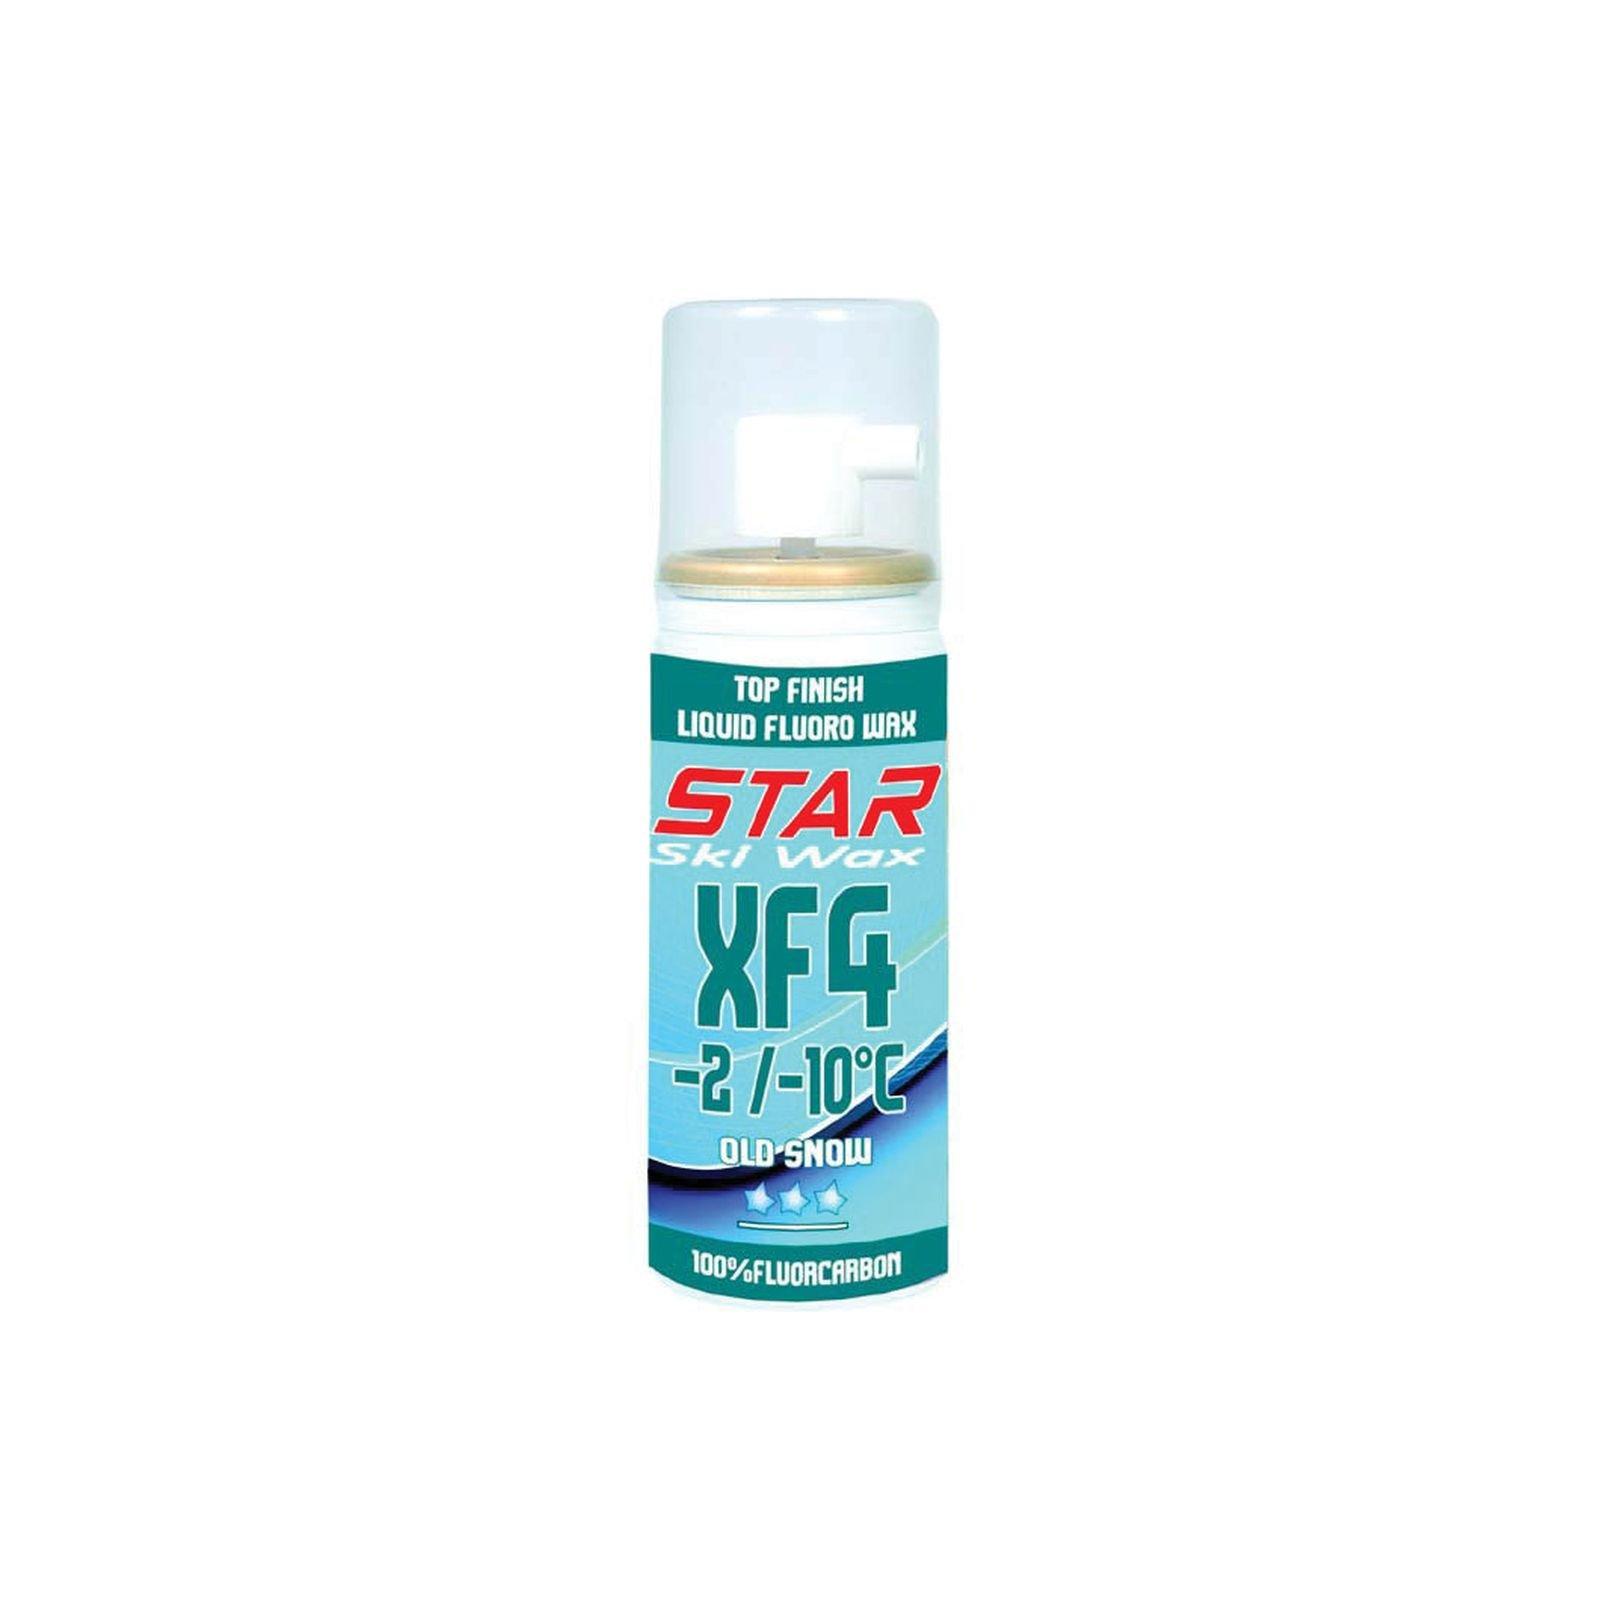 Star XF4 Fluorocarbon Liquid Ski Wax